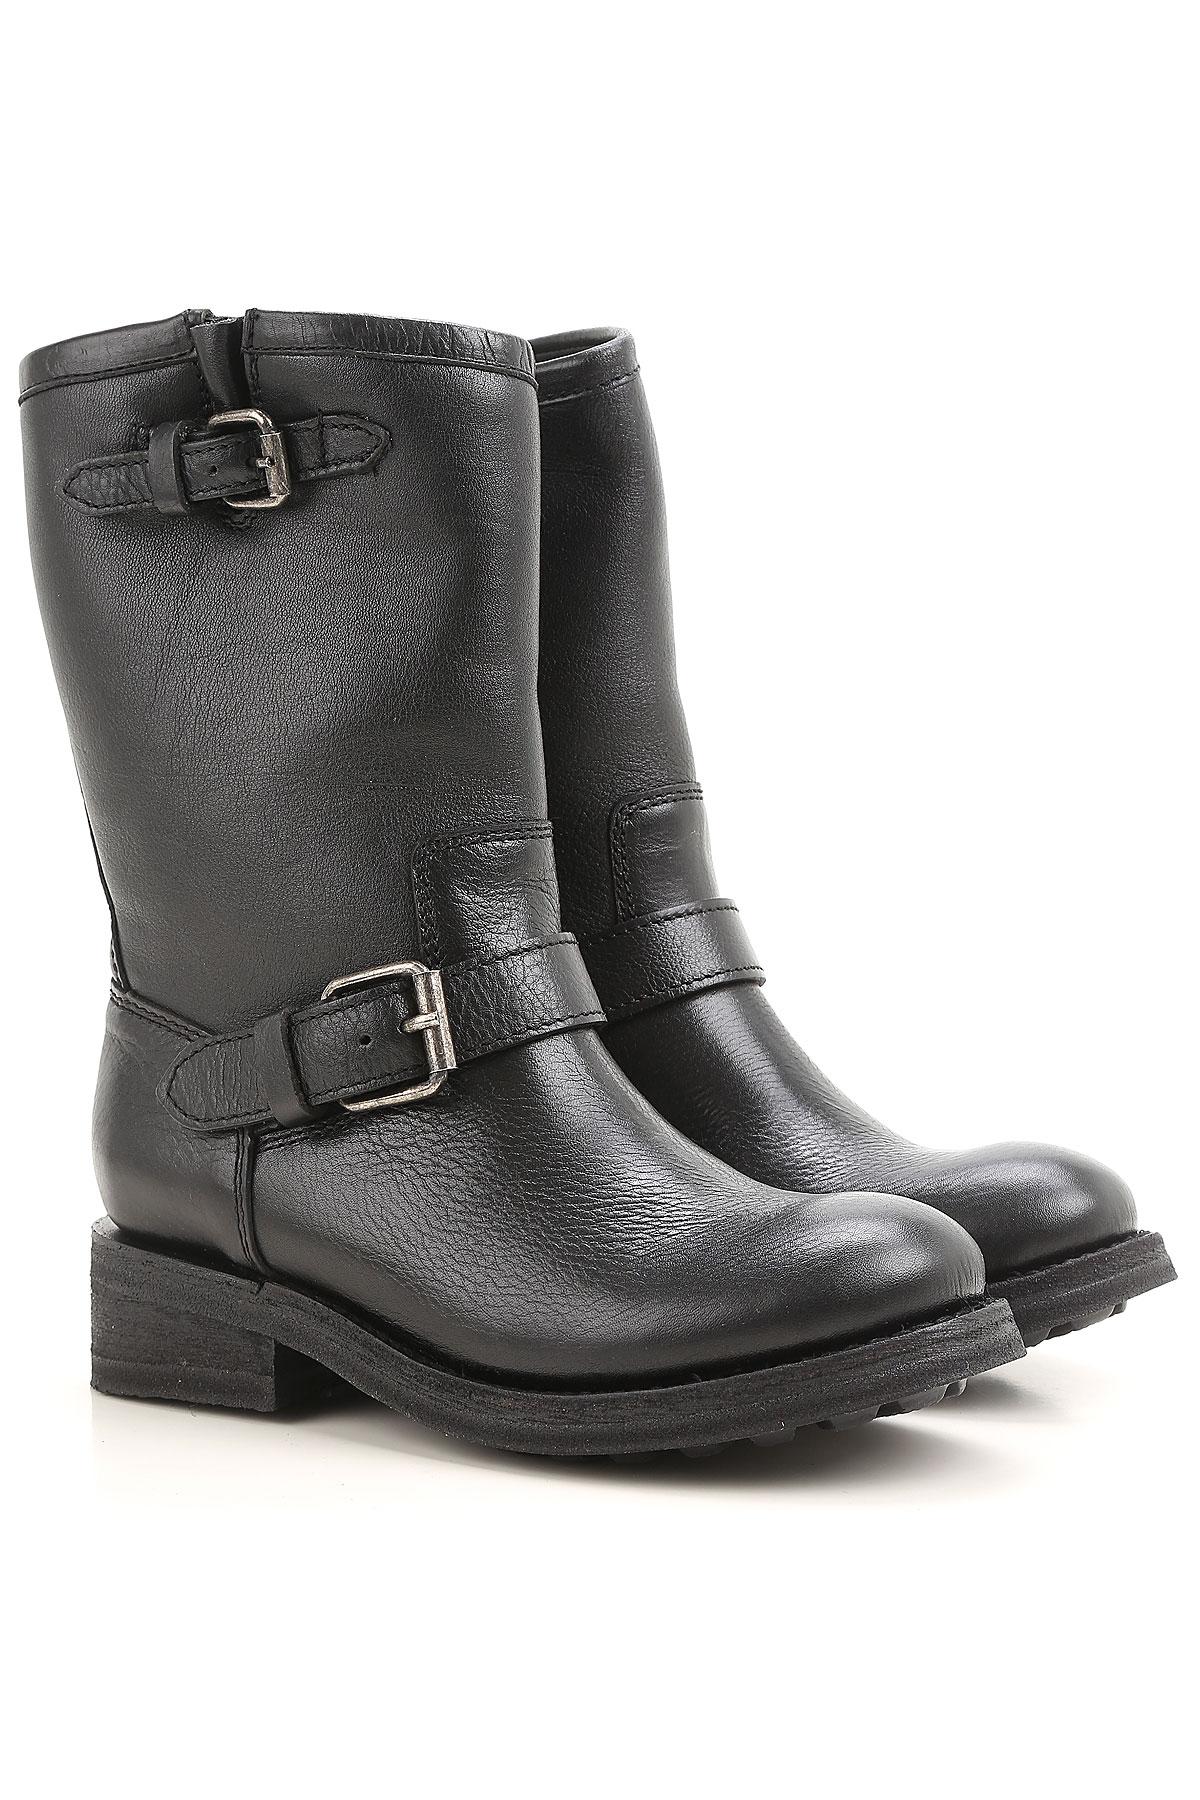 Extrêmement Chaussures Ash pour Femme • Nouvelle Collection PM49